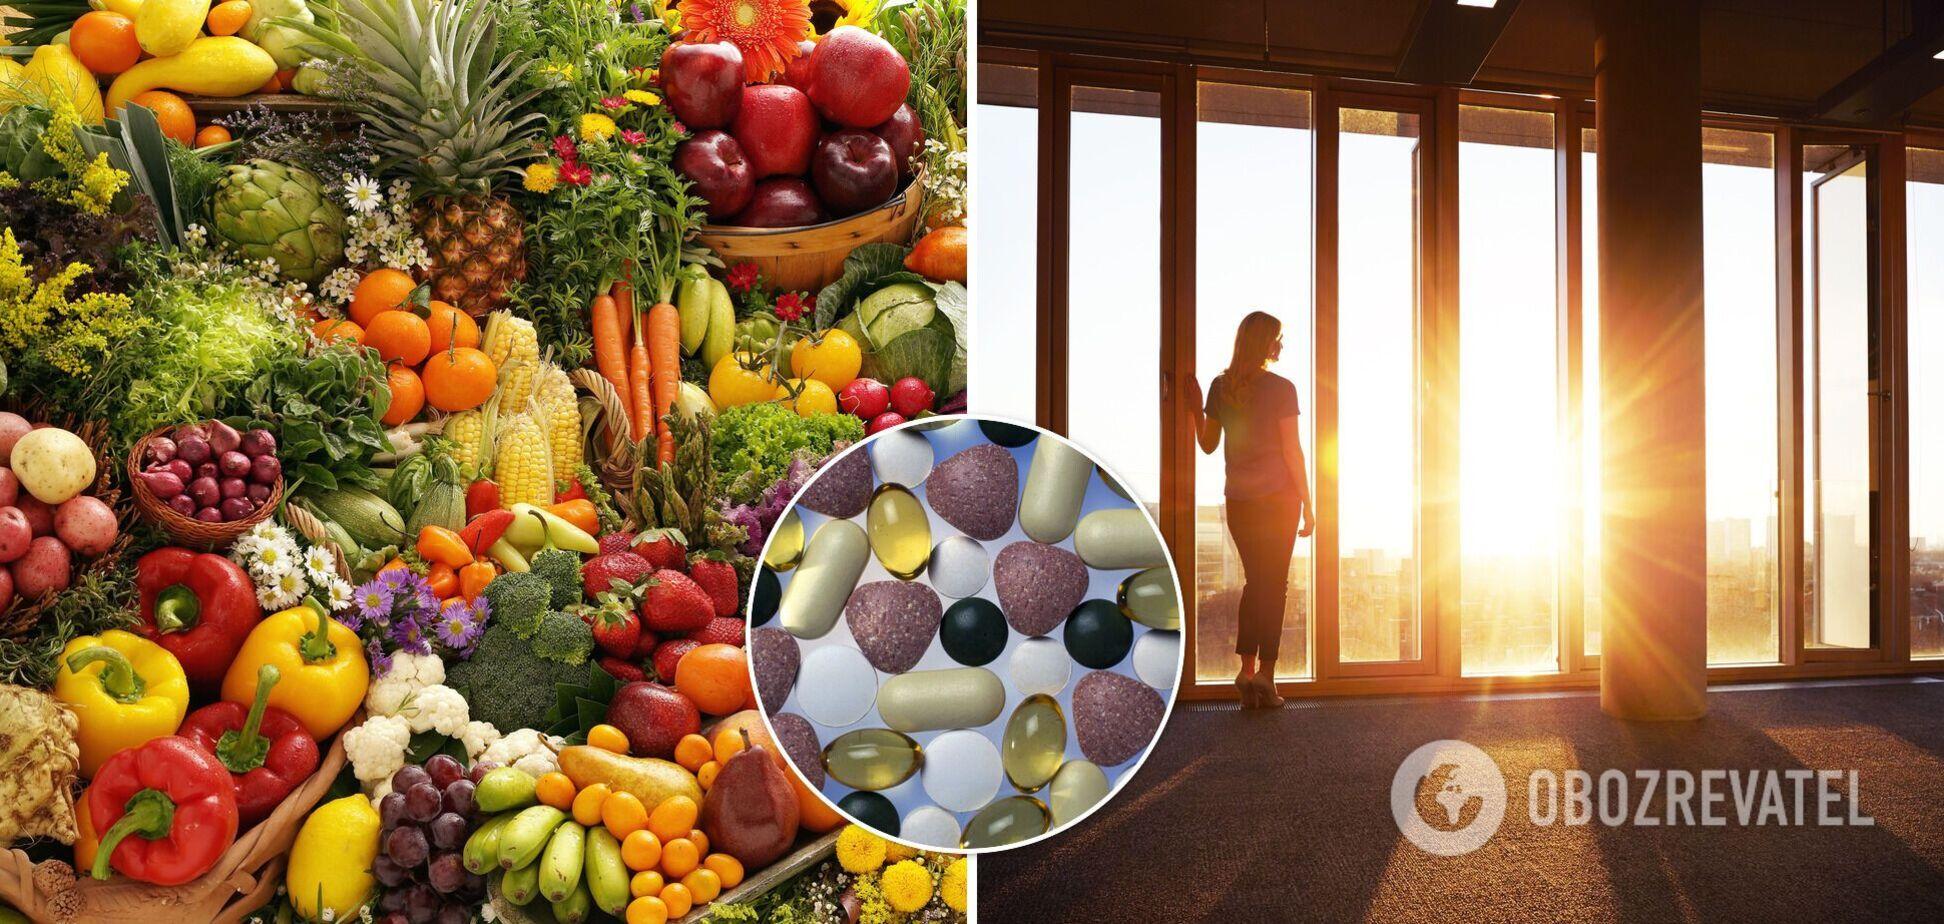 Организм человека нуждается в витаминах даже летом